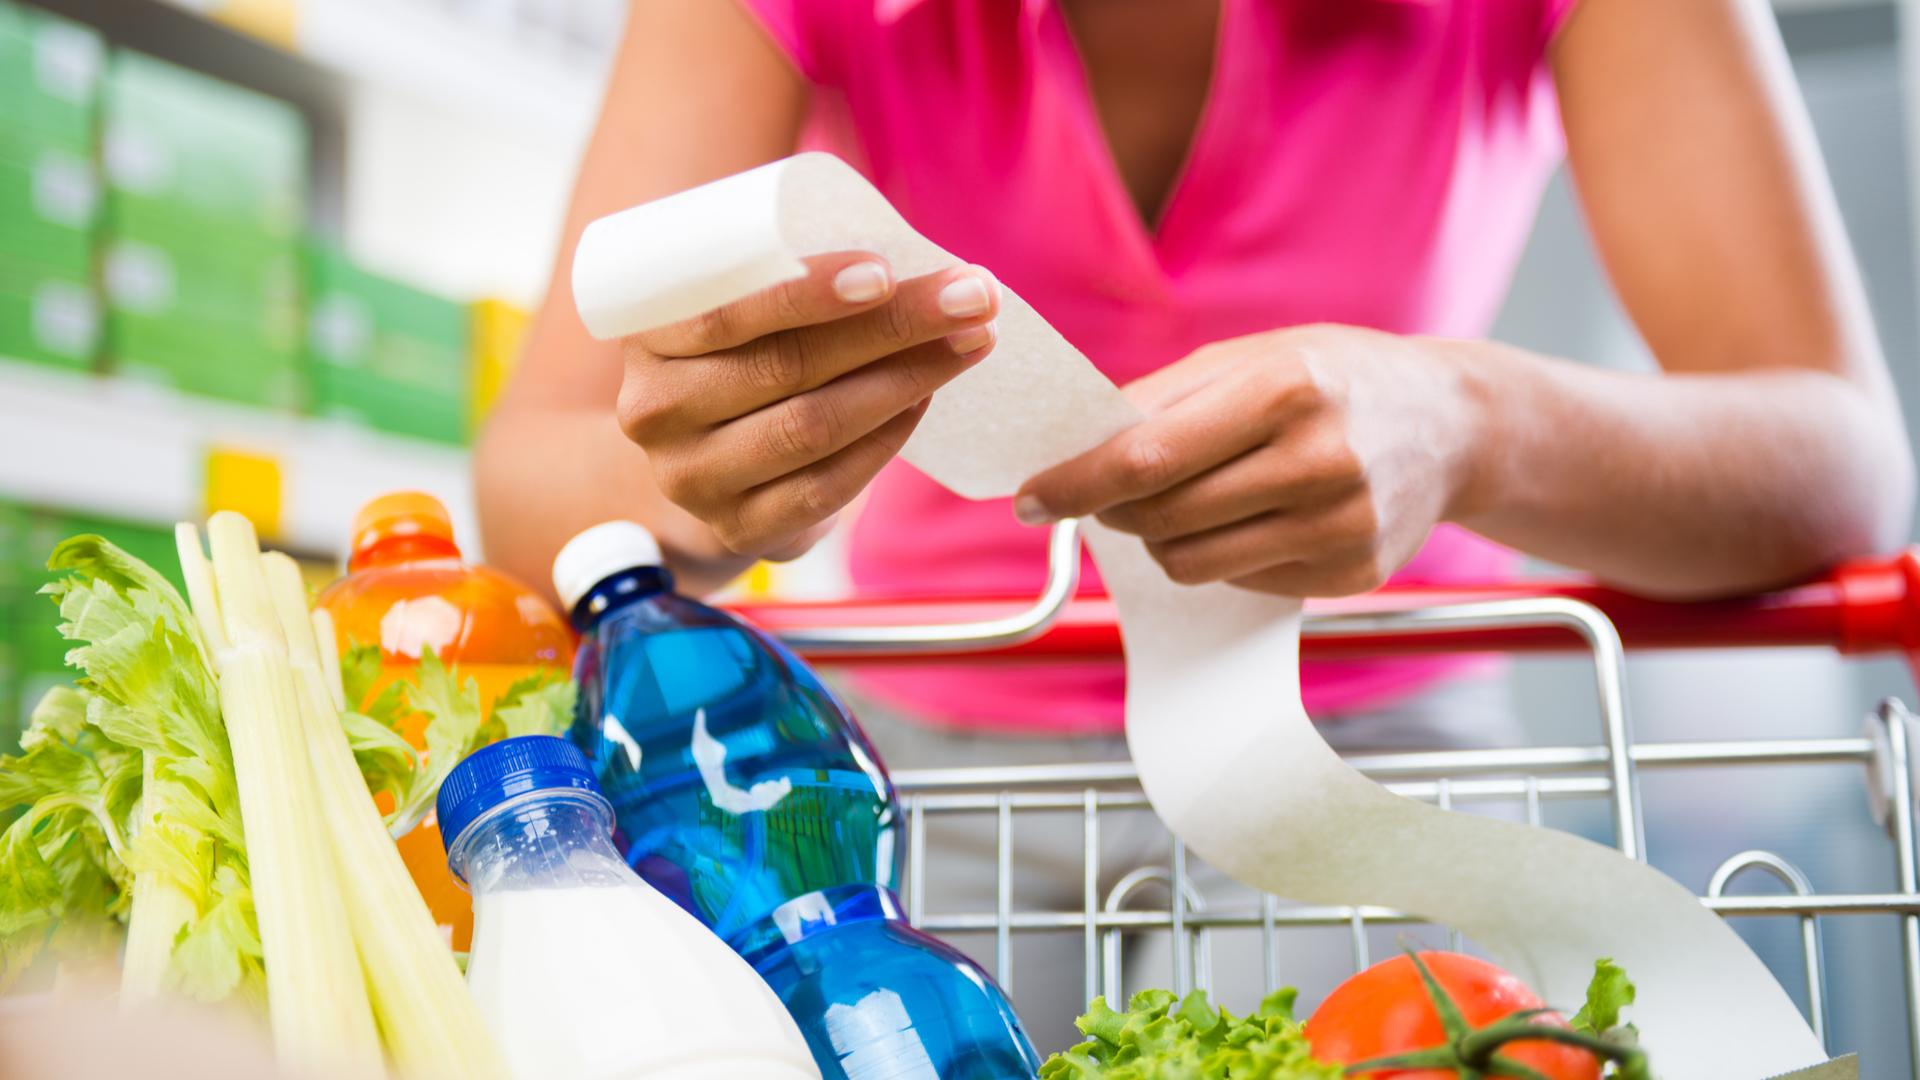 lista de compras para una dieta saludable